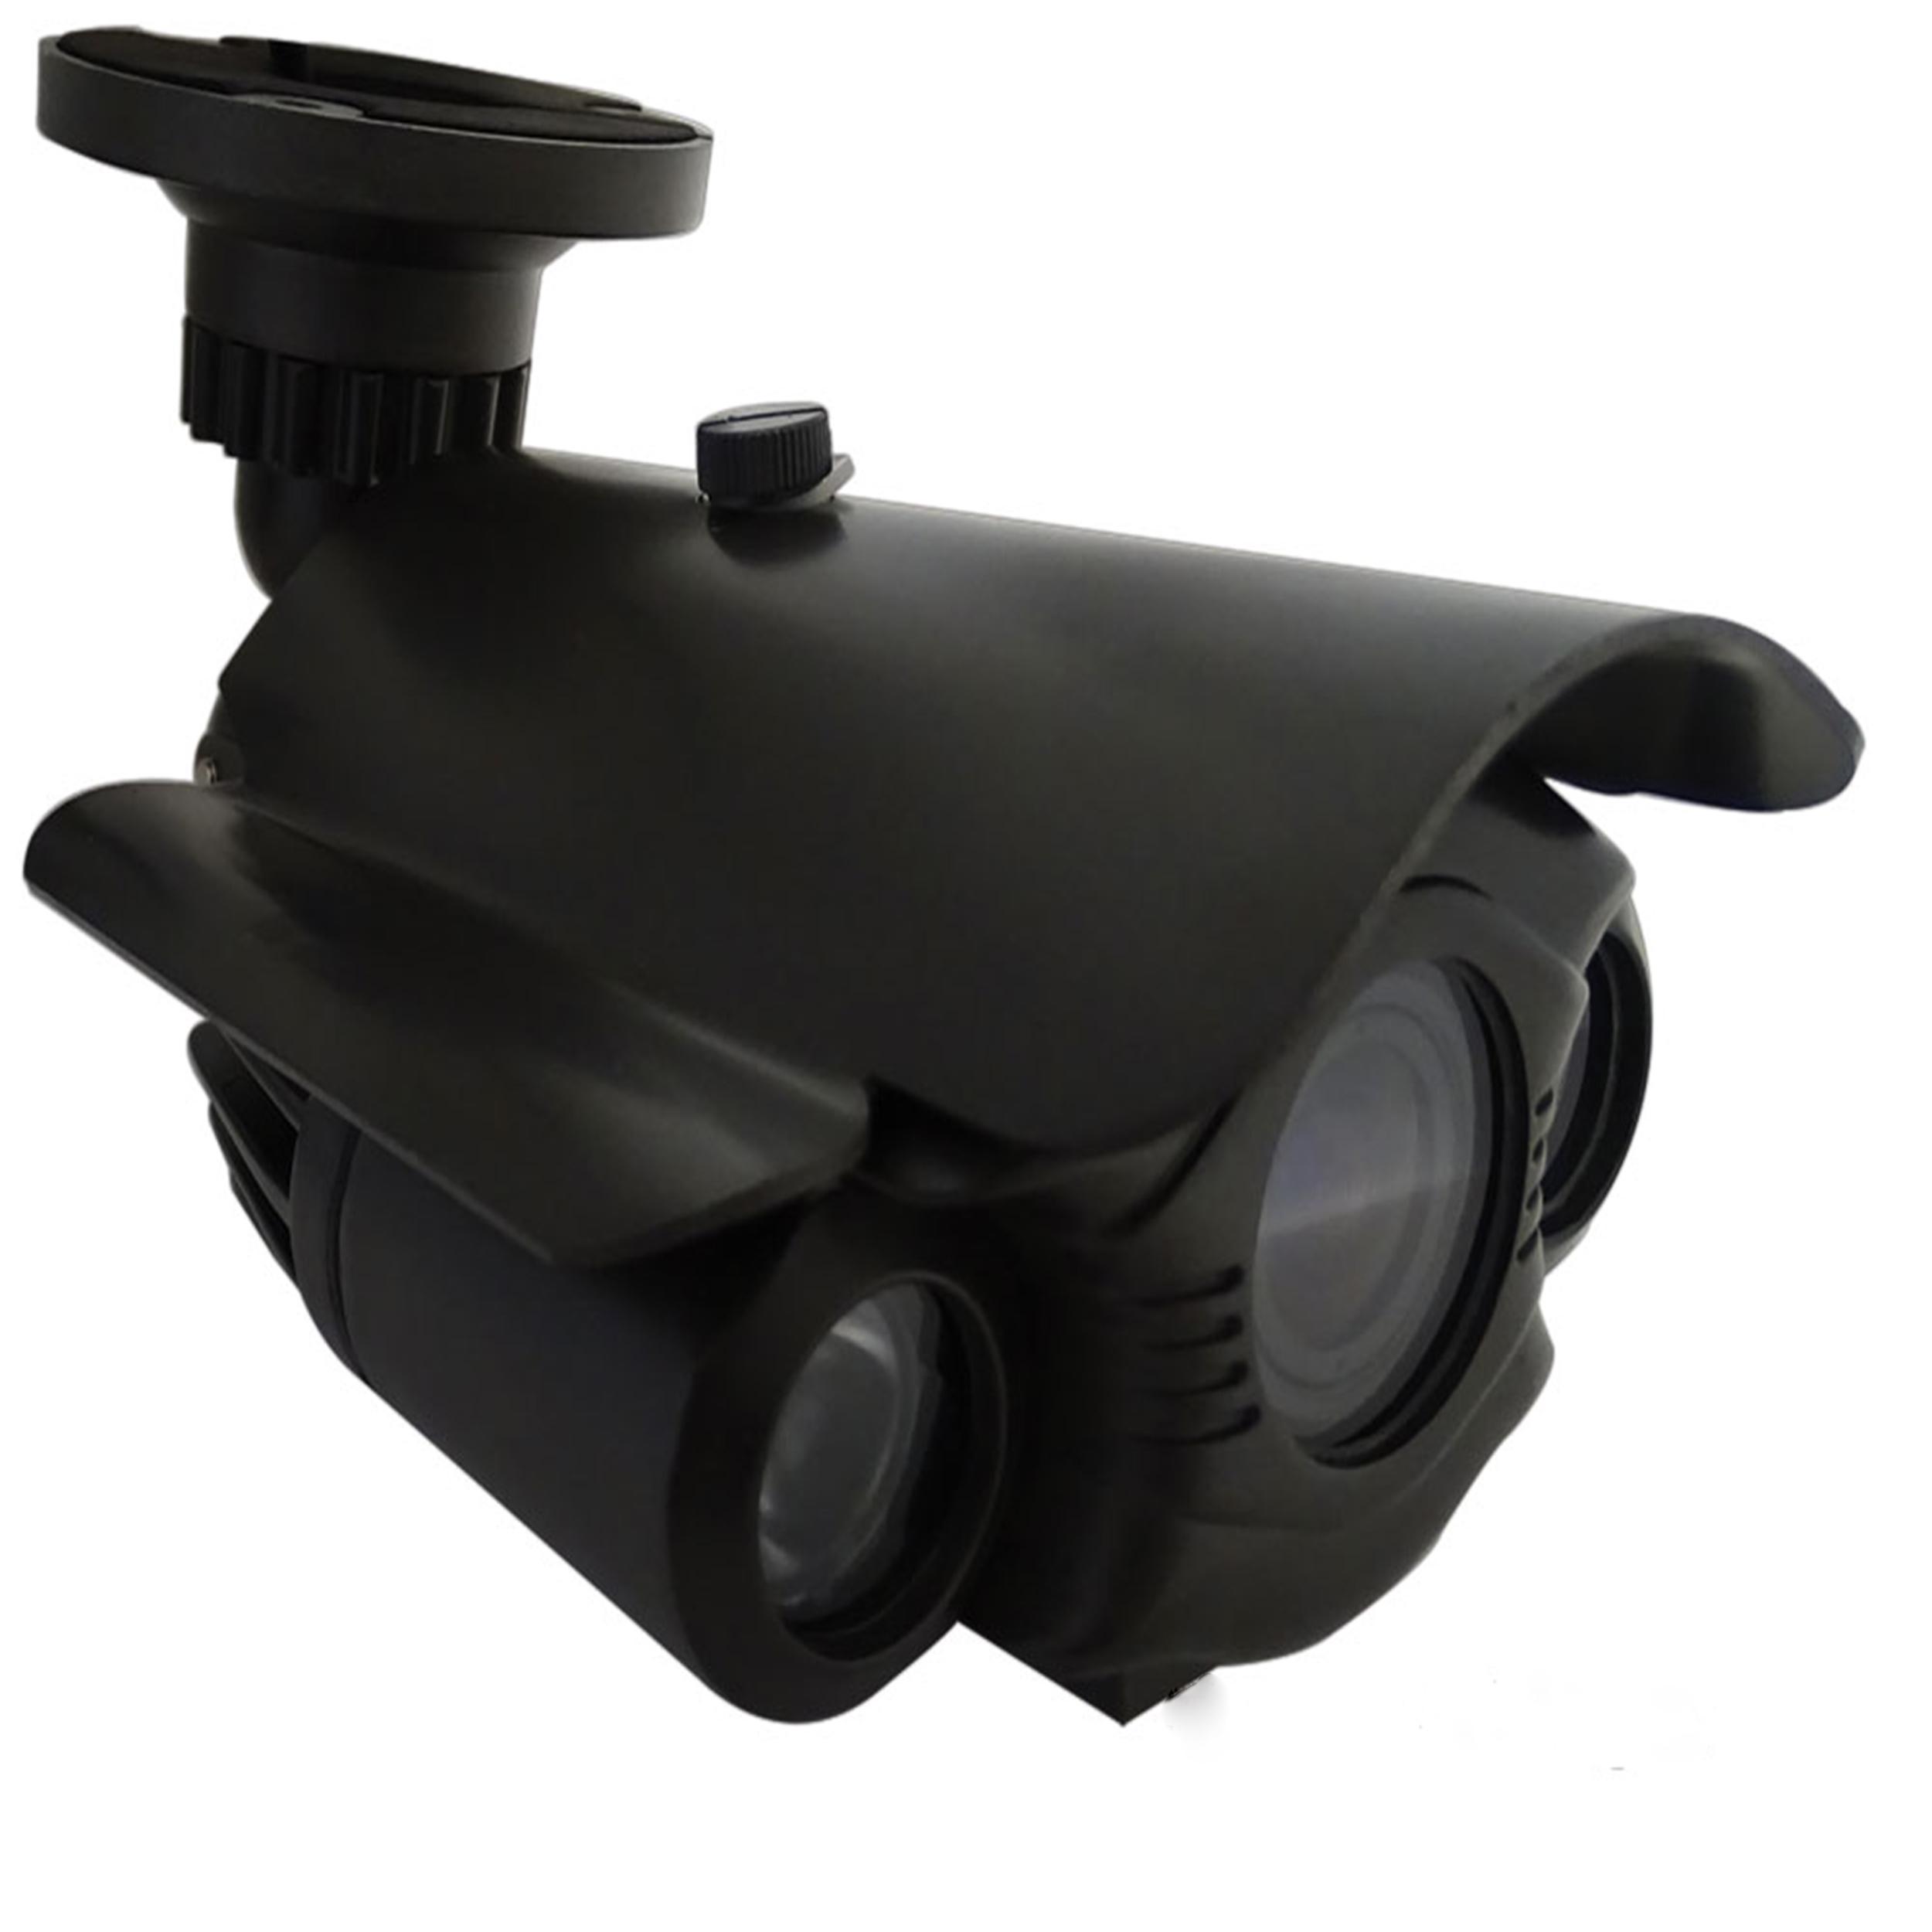 دوربین مداربسته آنالوگ واچ داگ مدل WD-2040VL